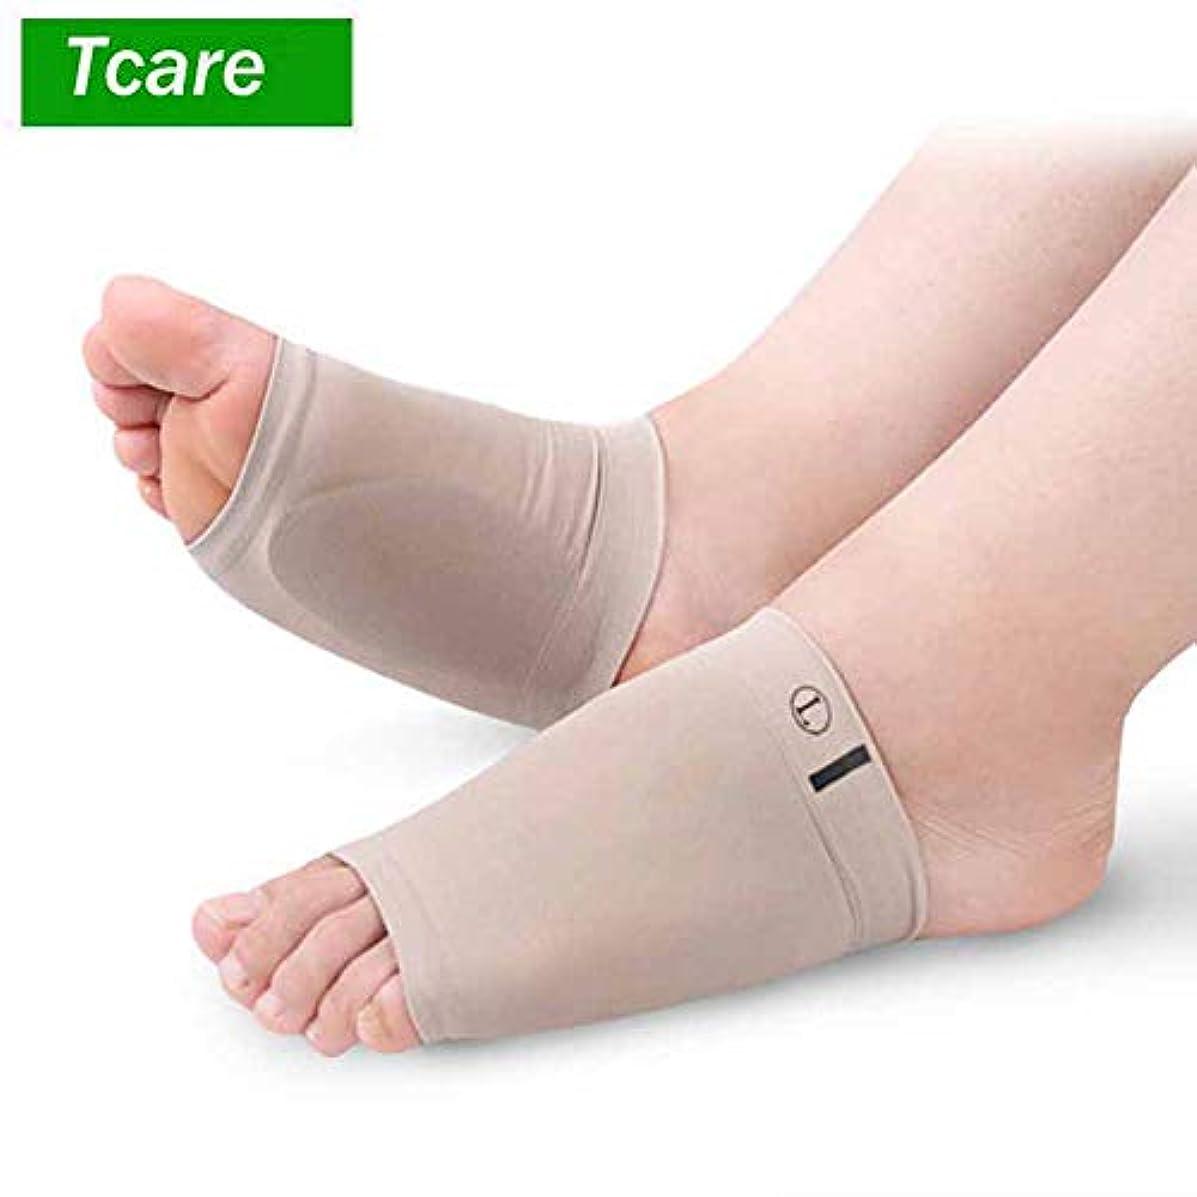 衛星鎖終点ゲルクッション型足関節アーチ支持スリーブ対足底筋膜炎フラットフィート痛みヒールスパーズヒールニューロマスヒップフィートと背中の問題からの救済